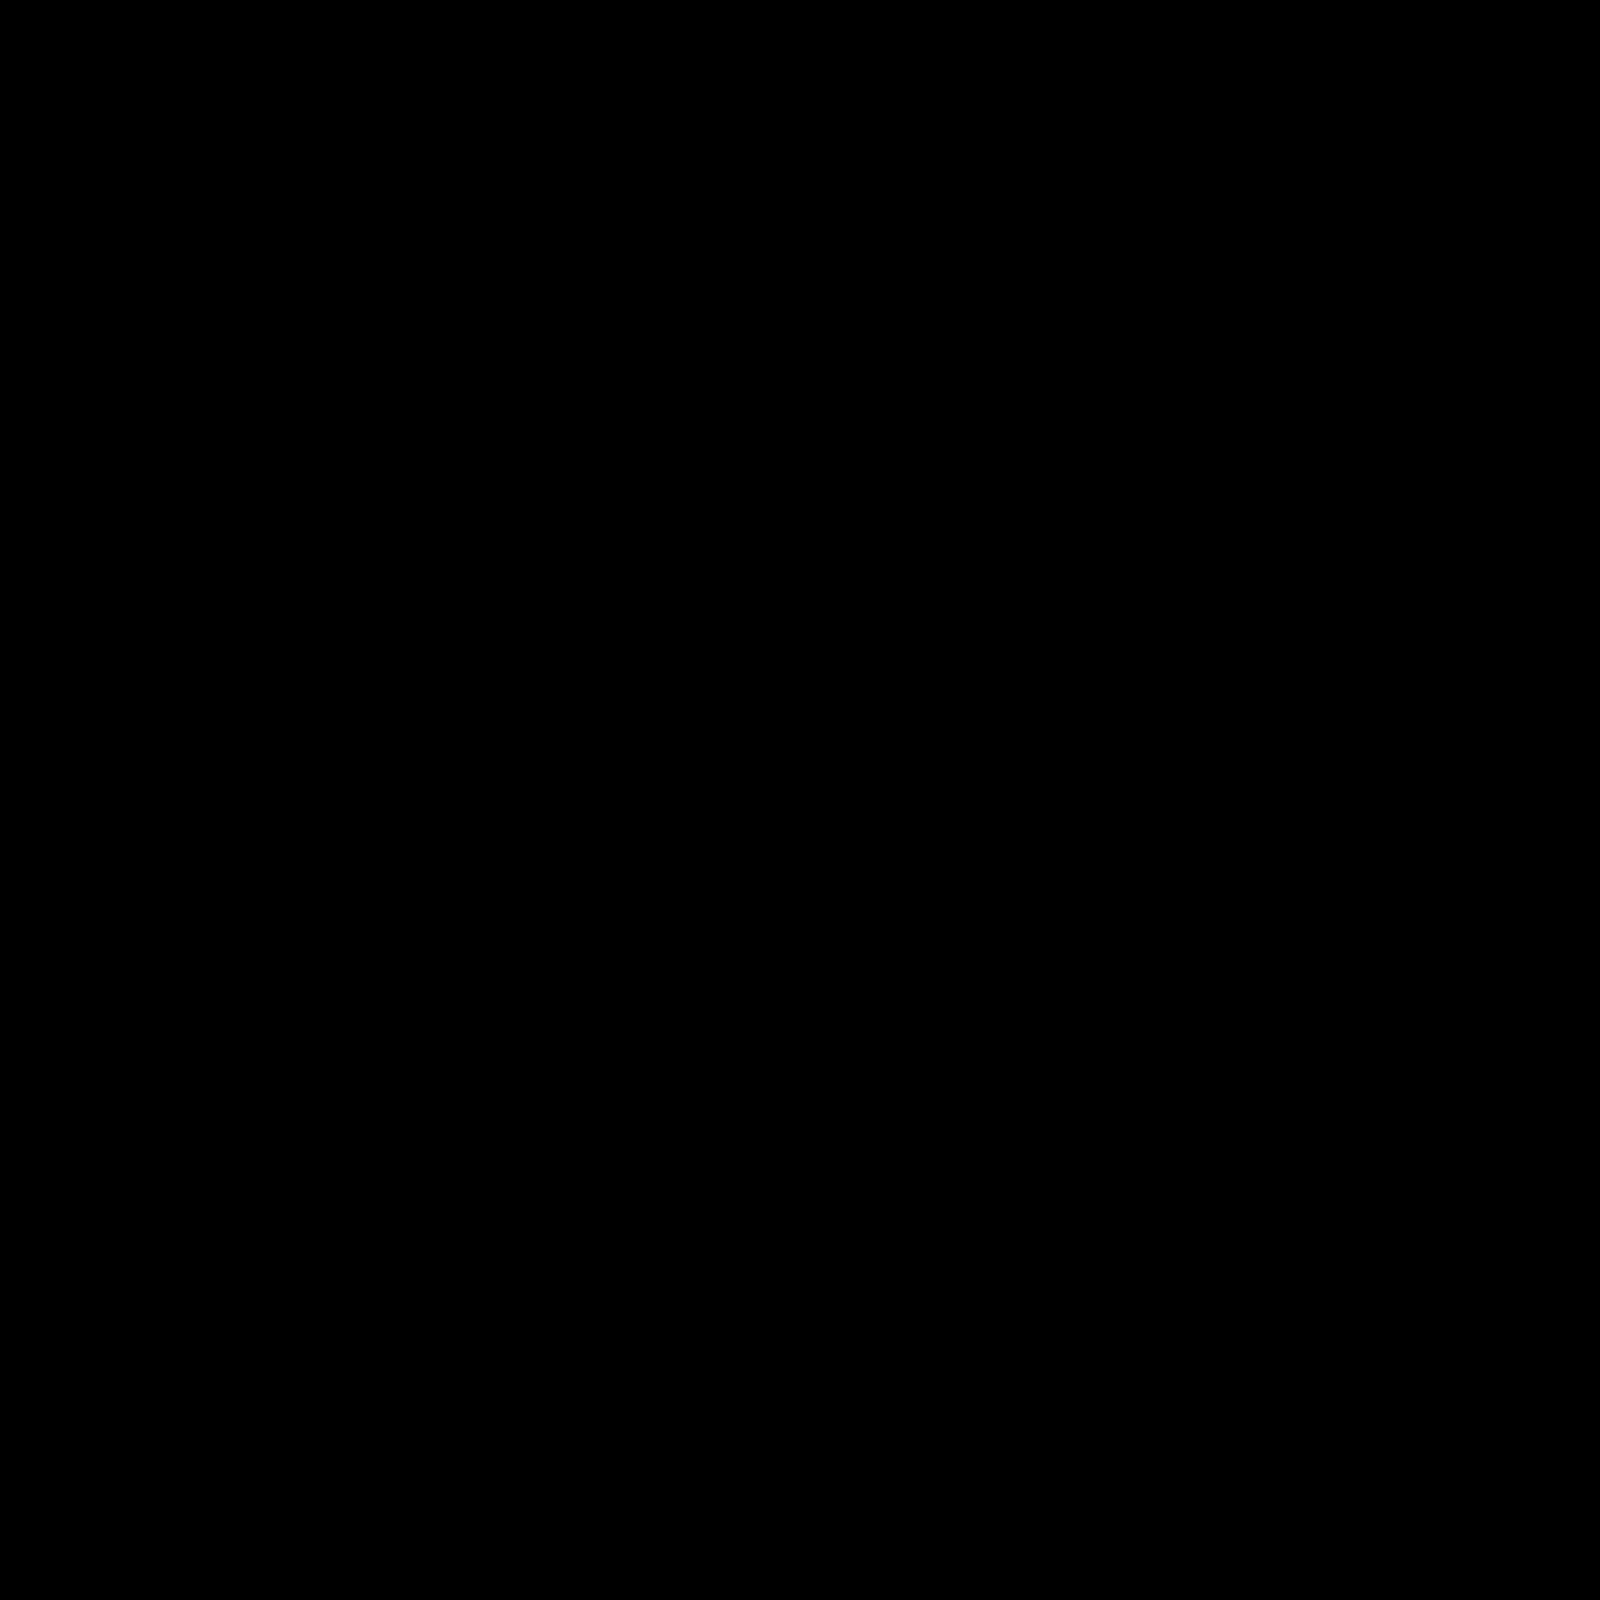 Blokowanie kart w prawym okienku icon